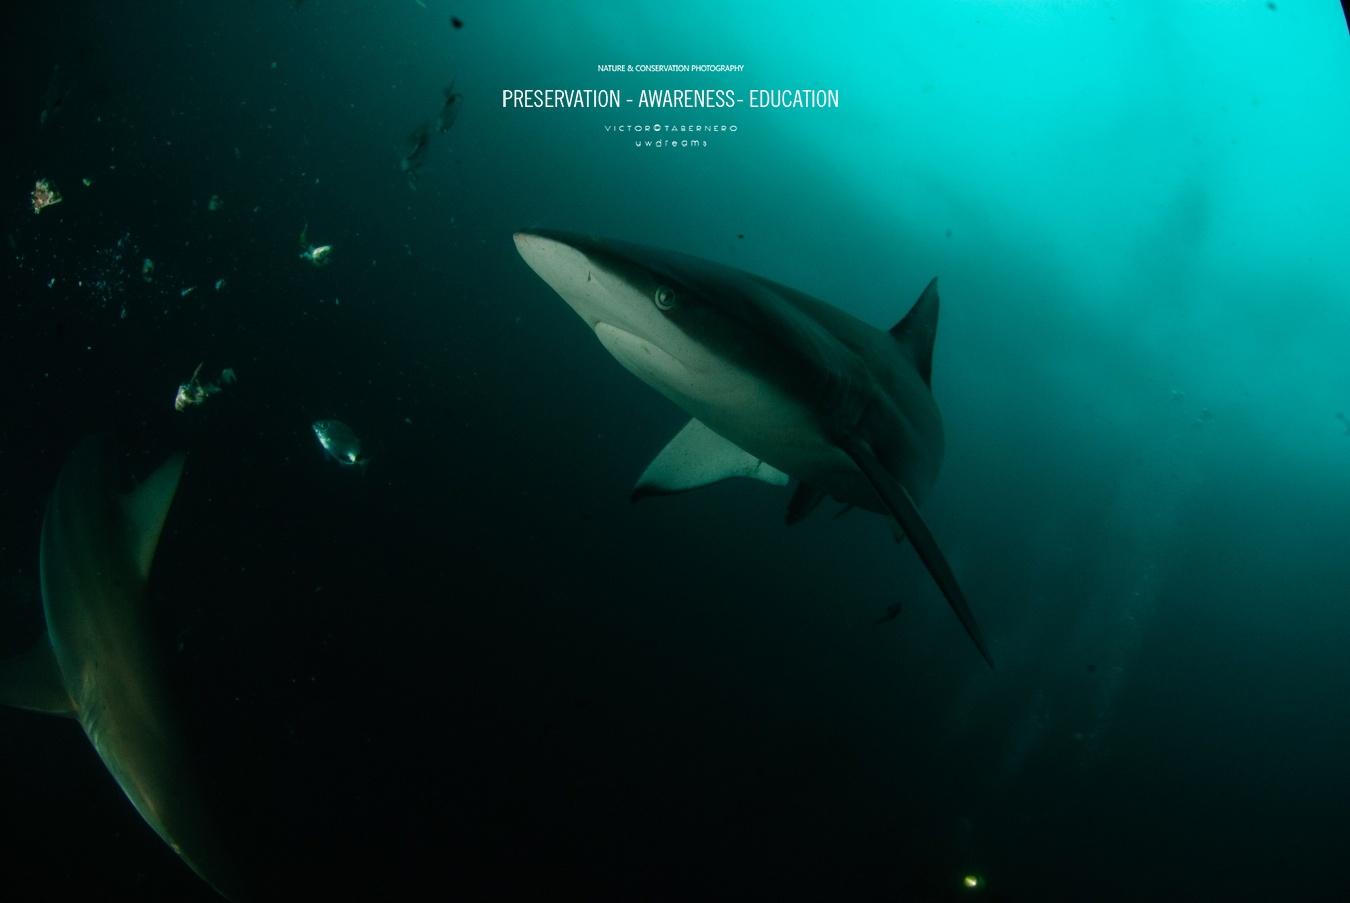 fotografía obtenida mediante cebo - Dueños del los mares - Wildlife Conservation Photography, UWDREAMS.COM